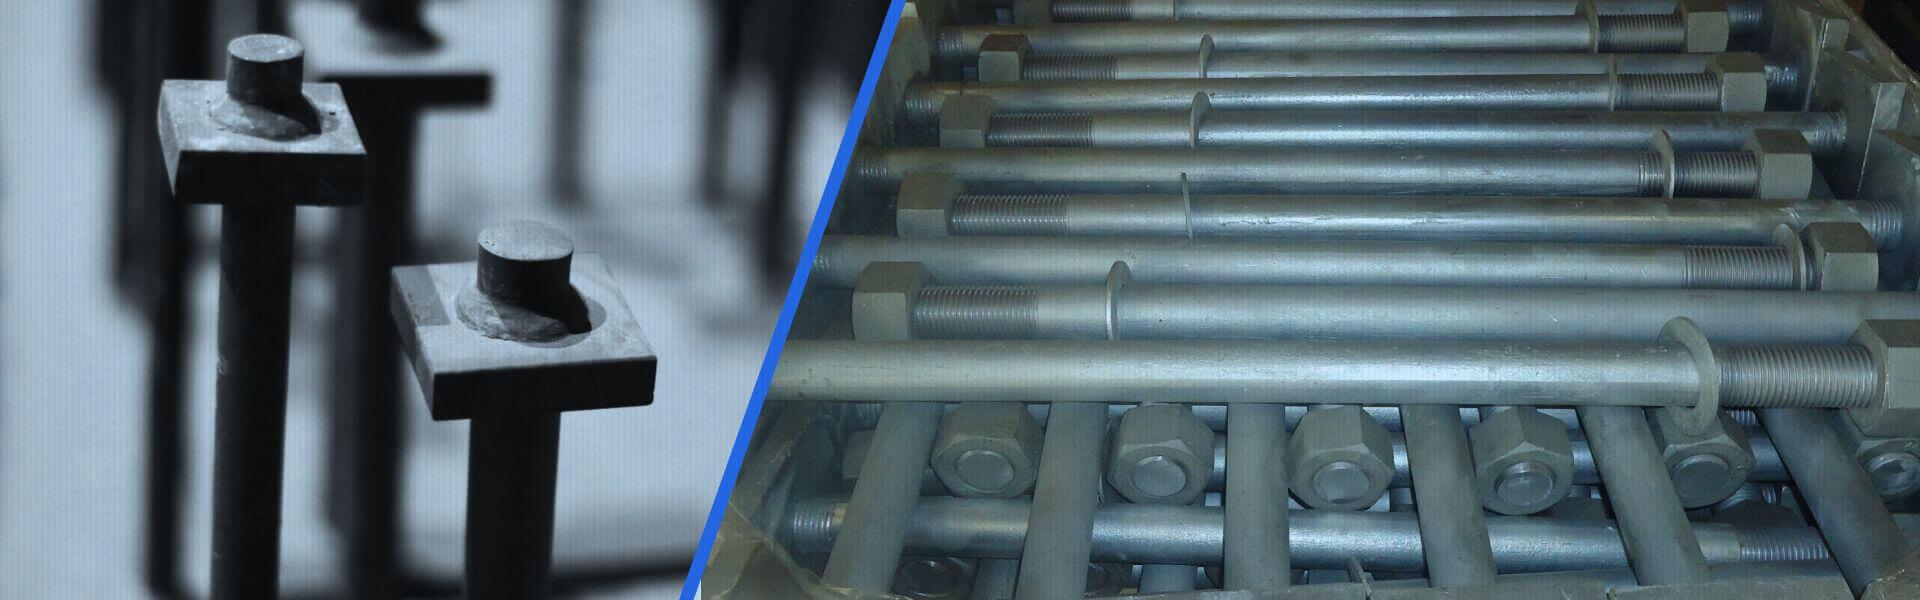 Metal Fasteners Mfr  Co  Ltd  | fasteners manufacturer Saudi